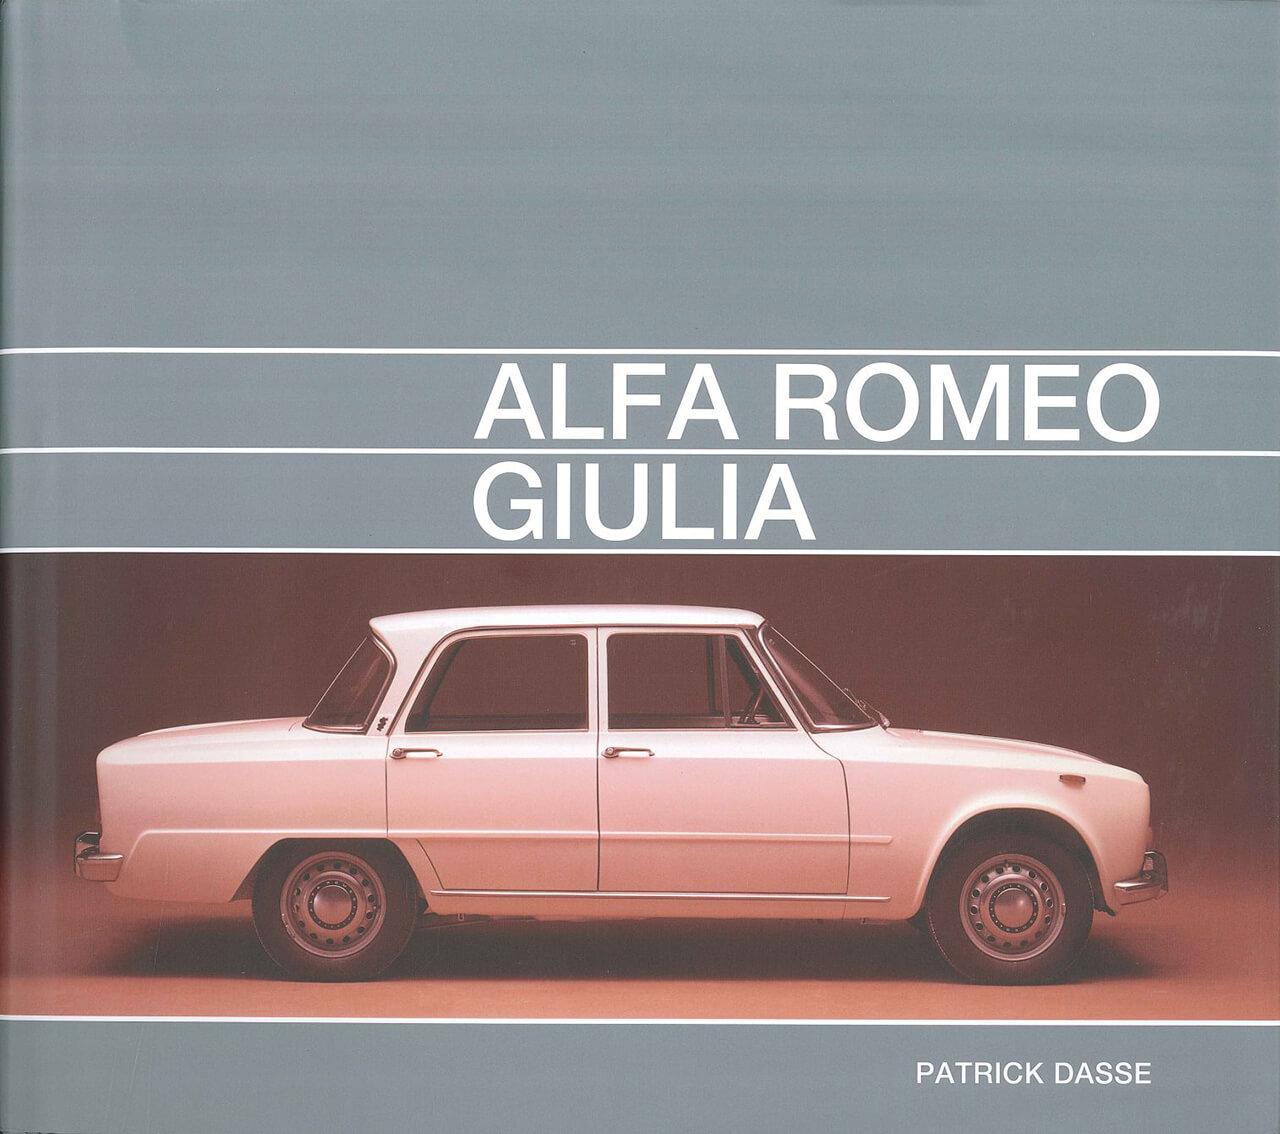 アルファロメオ・ジュリアについて「これ以上の資料は存在しない」と言えるほどの充実ぶりが魅力の写真集【新書紹介】